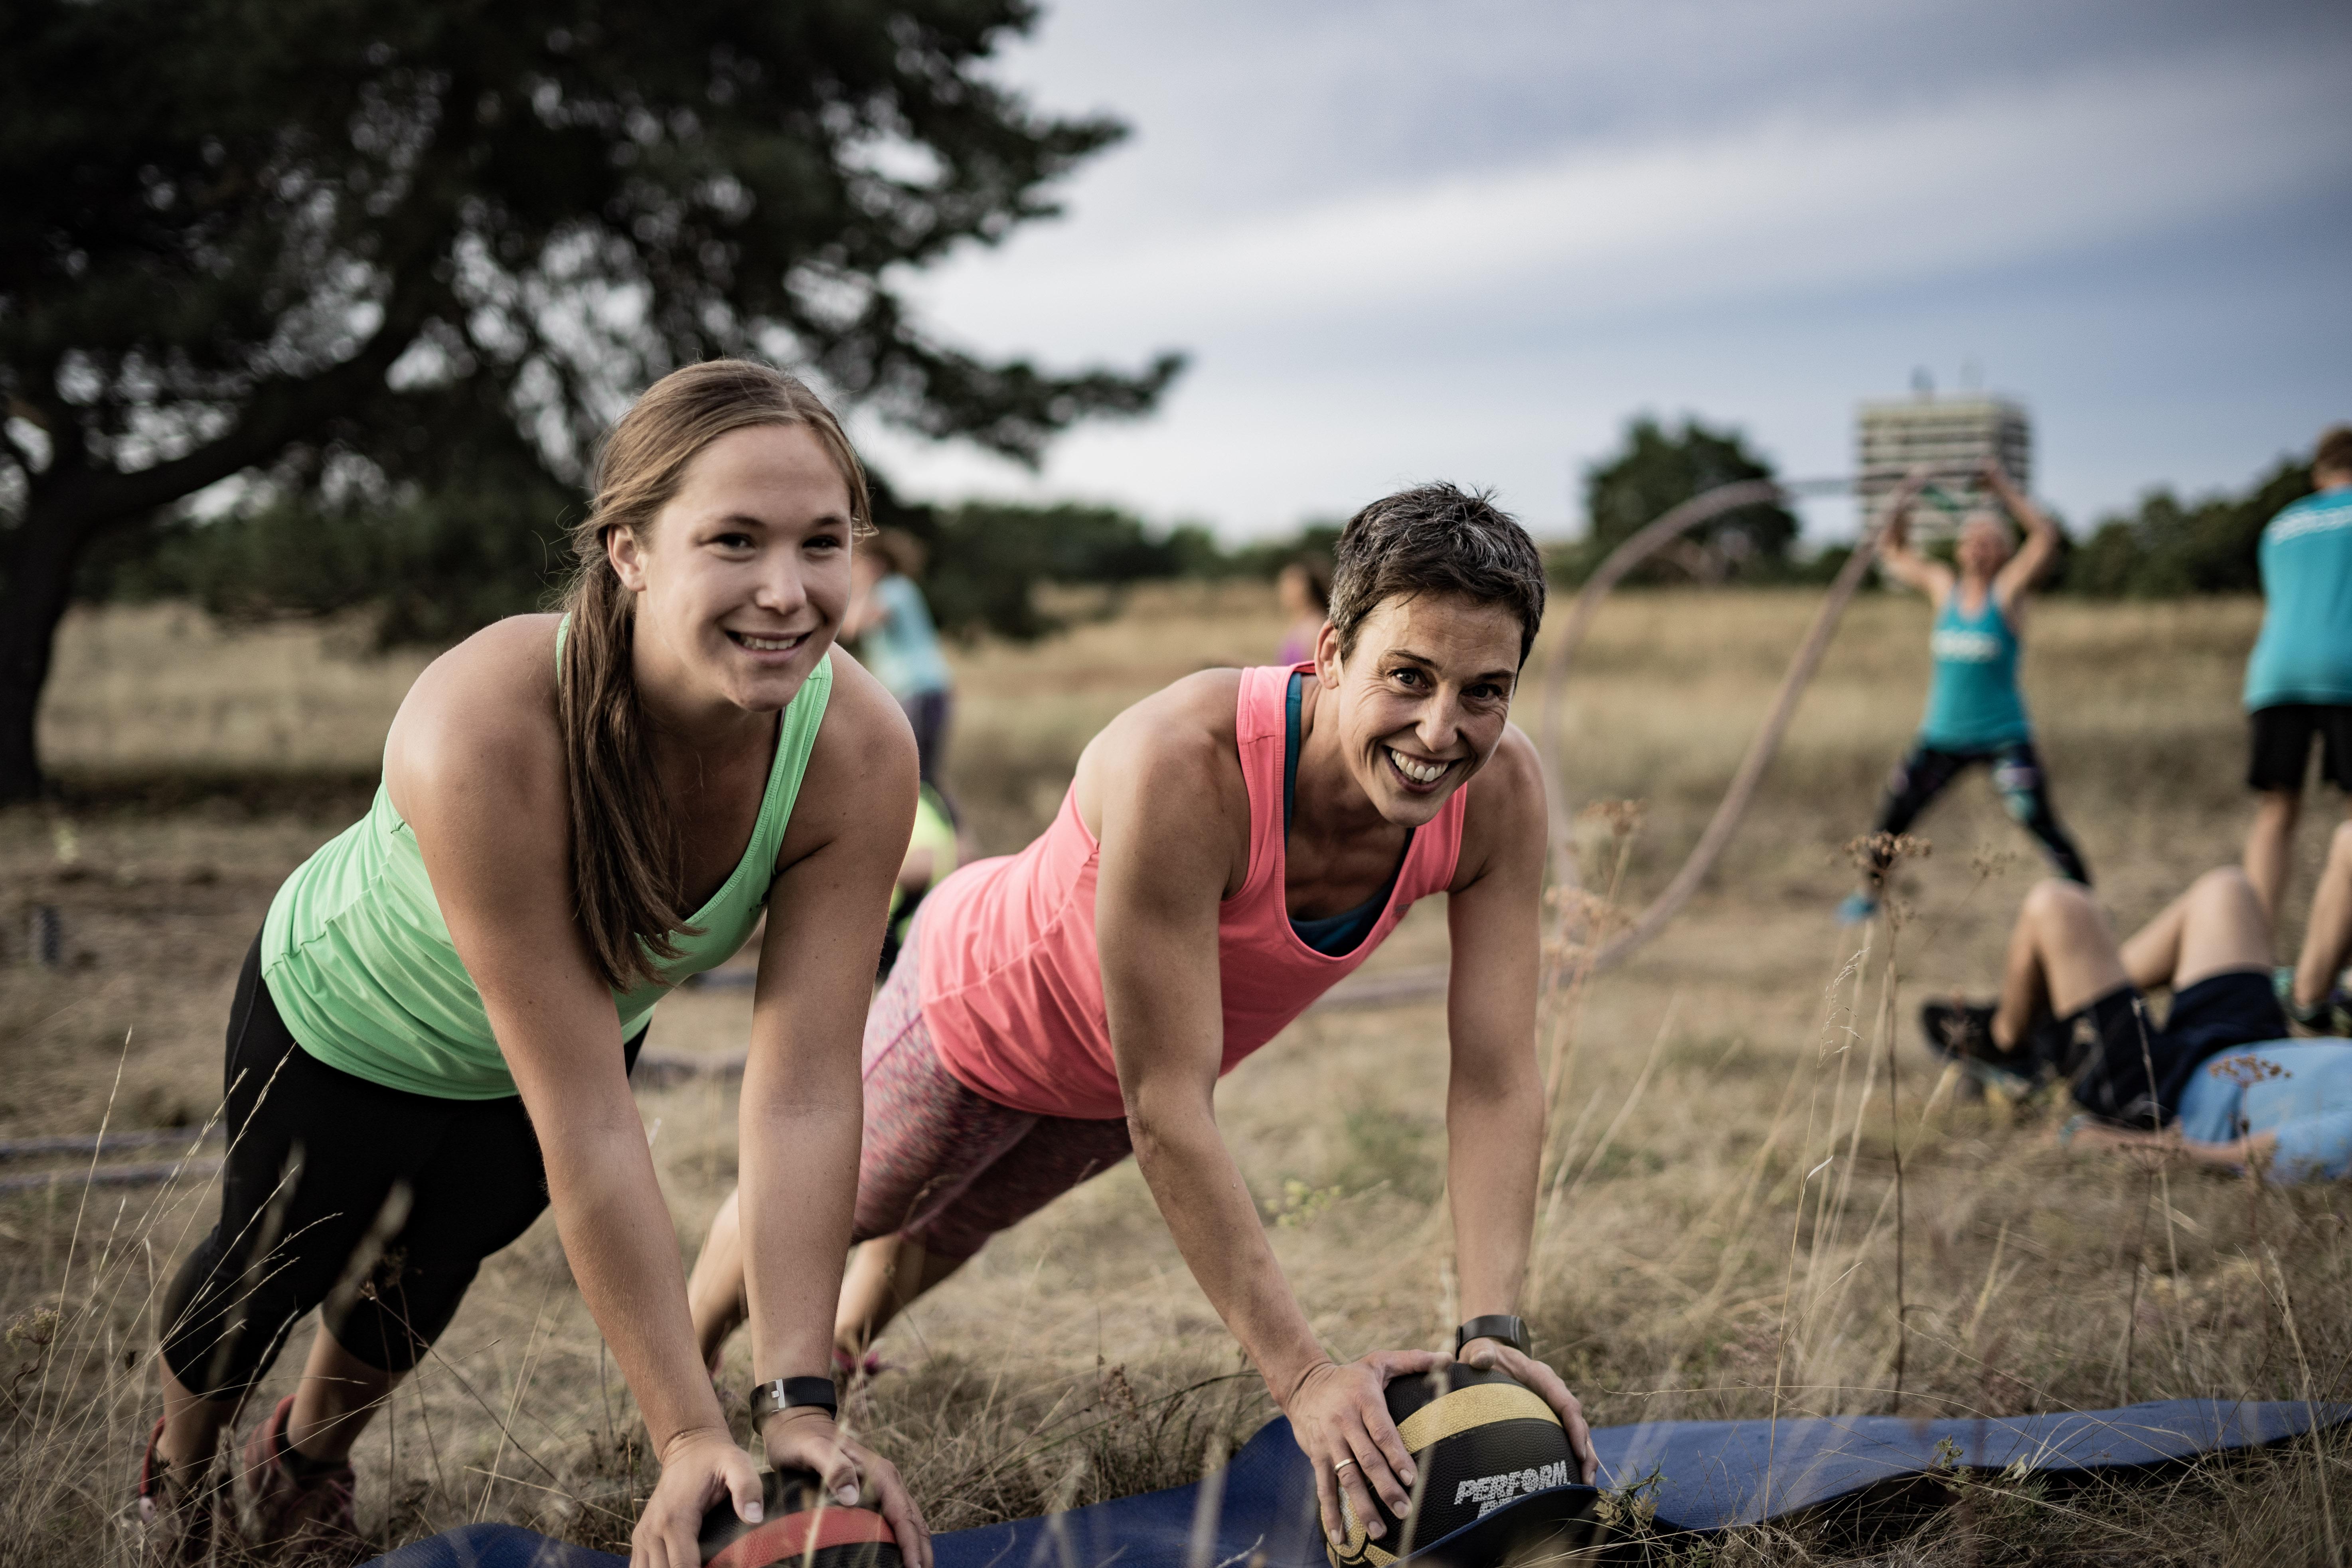 Frauen beim Training mit Medizinbällen beim bootcamp outdoor